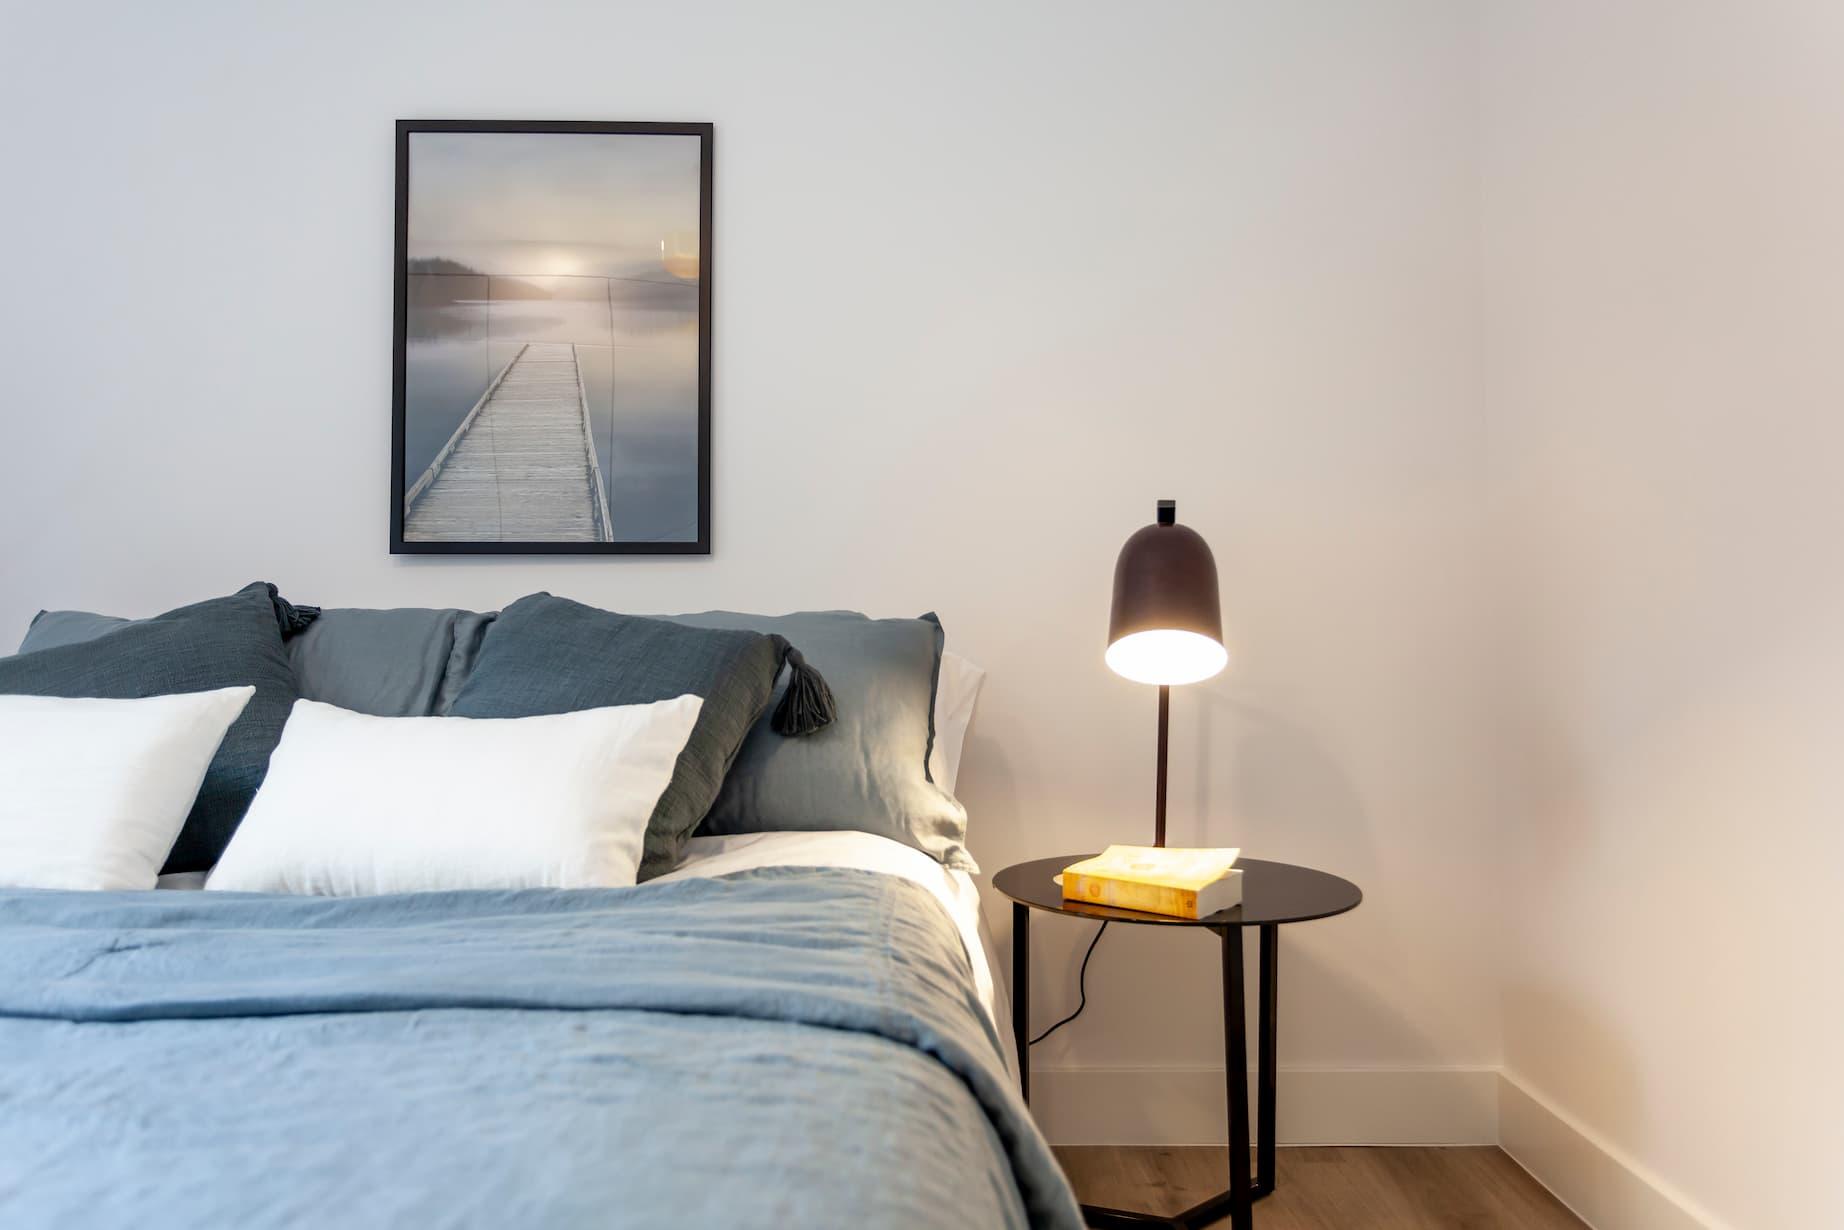 como-influyen-los-colores-en-dormitorio